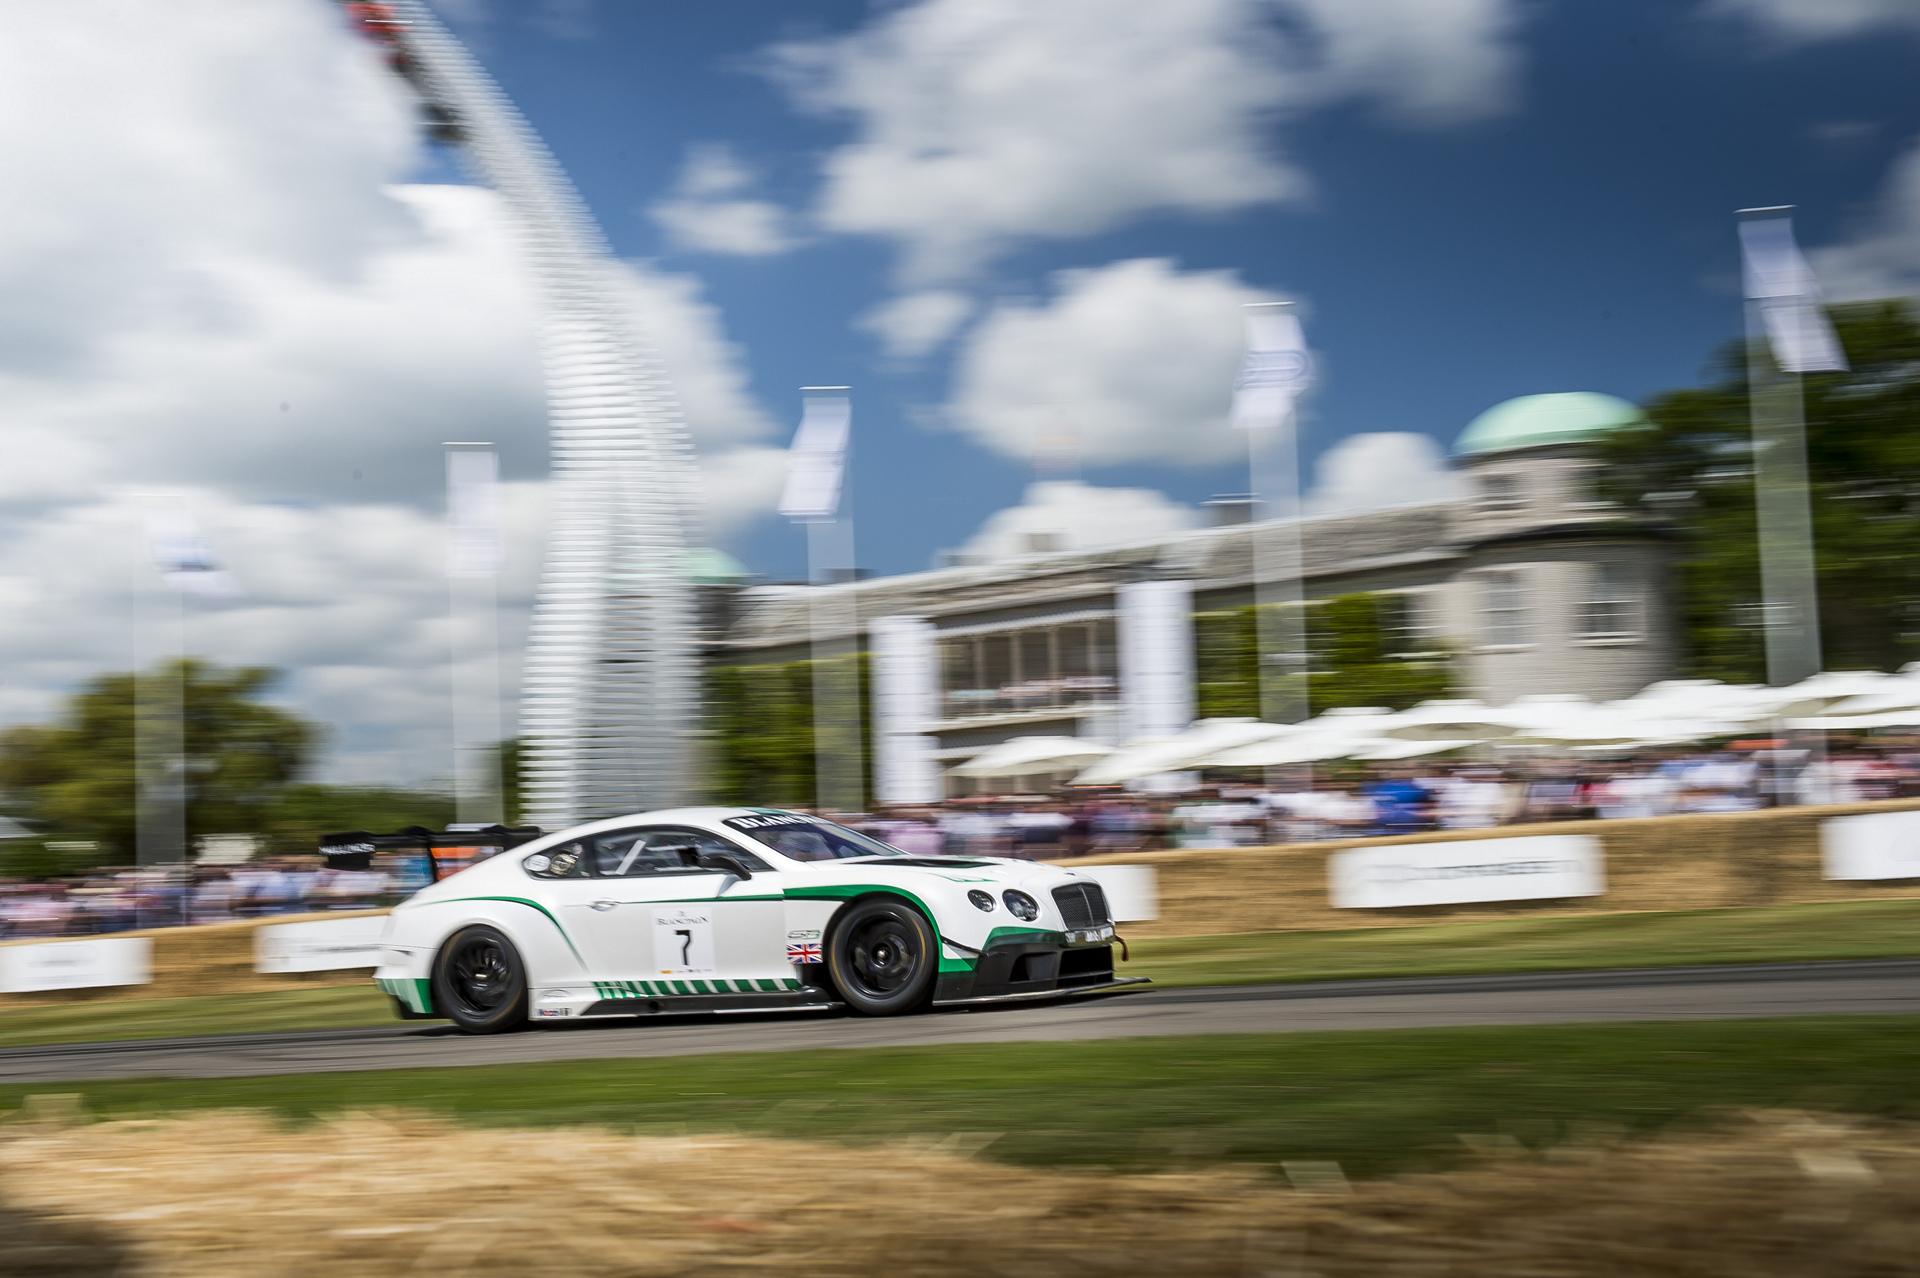 Bentley Continental GT3 race car © Volkswagen AG